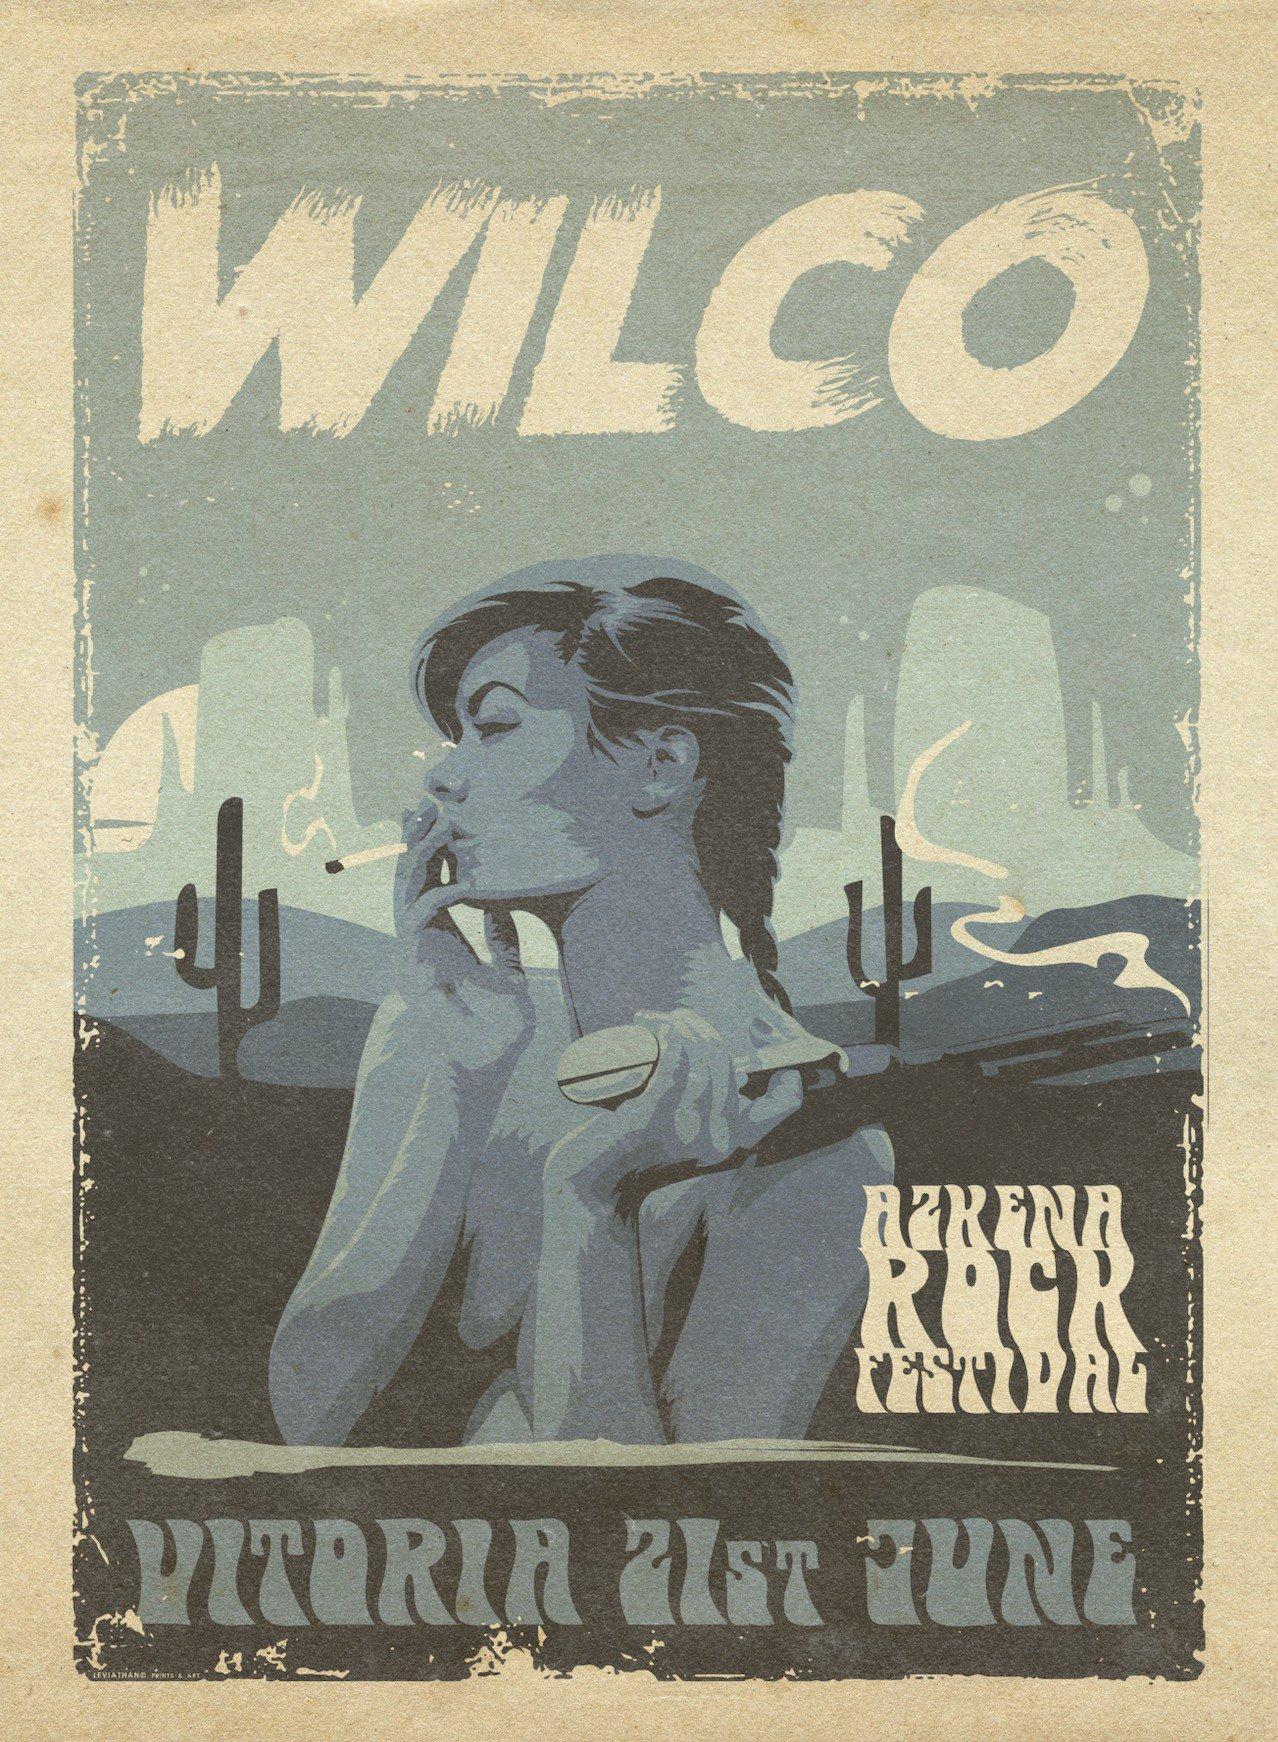 WILCO - Página 4 D9U92RCXsAApnss